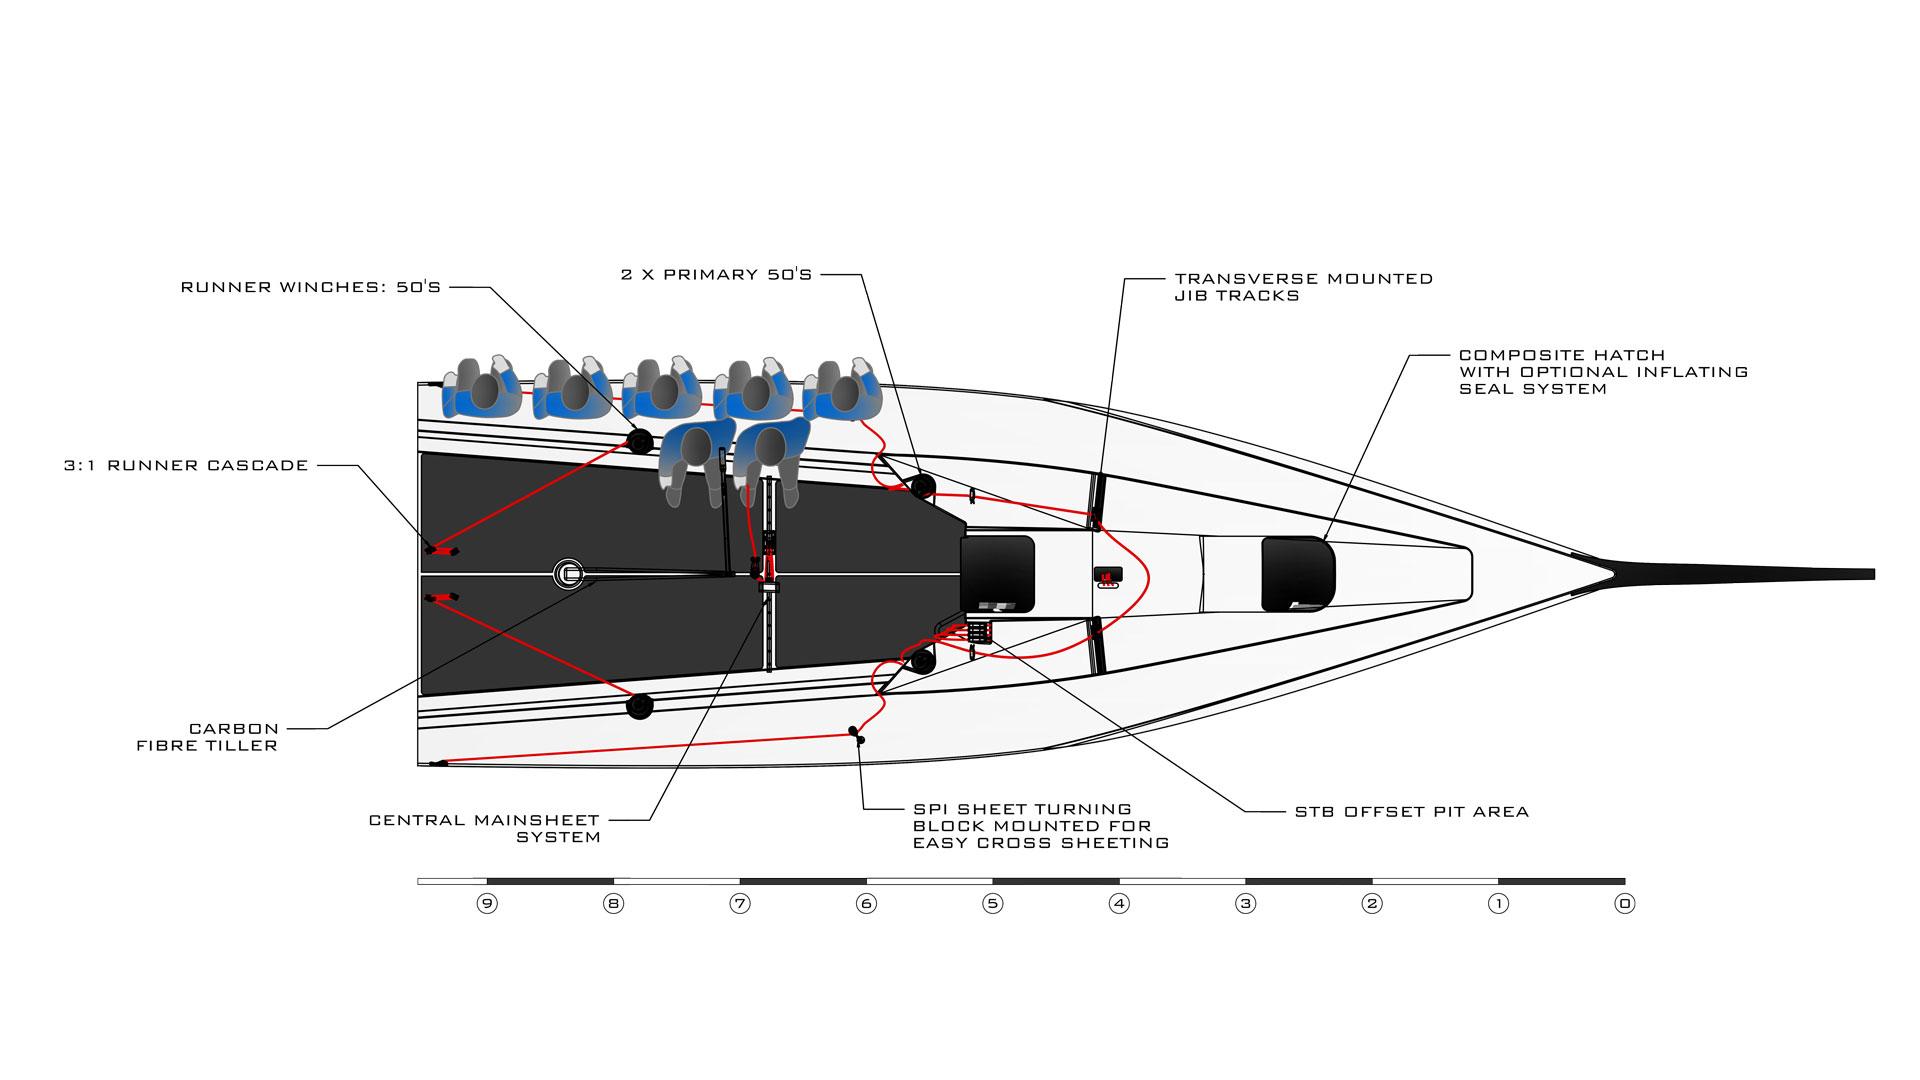 Pro 6000 Wiring Diagram Free Online Image Schematic Wiring